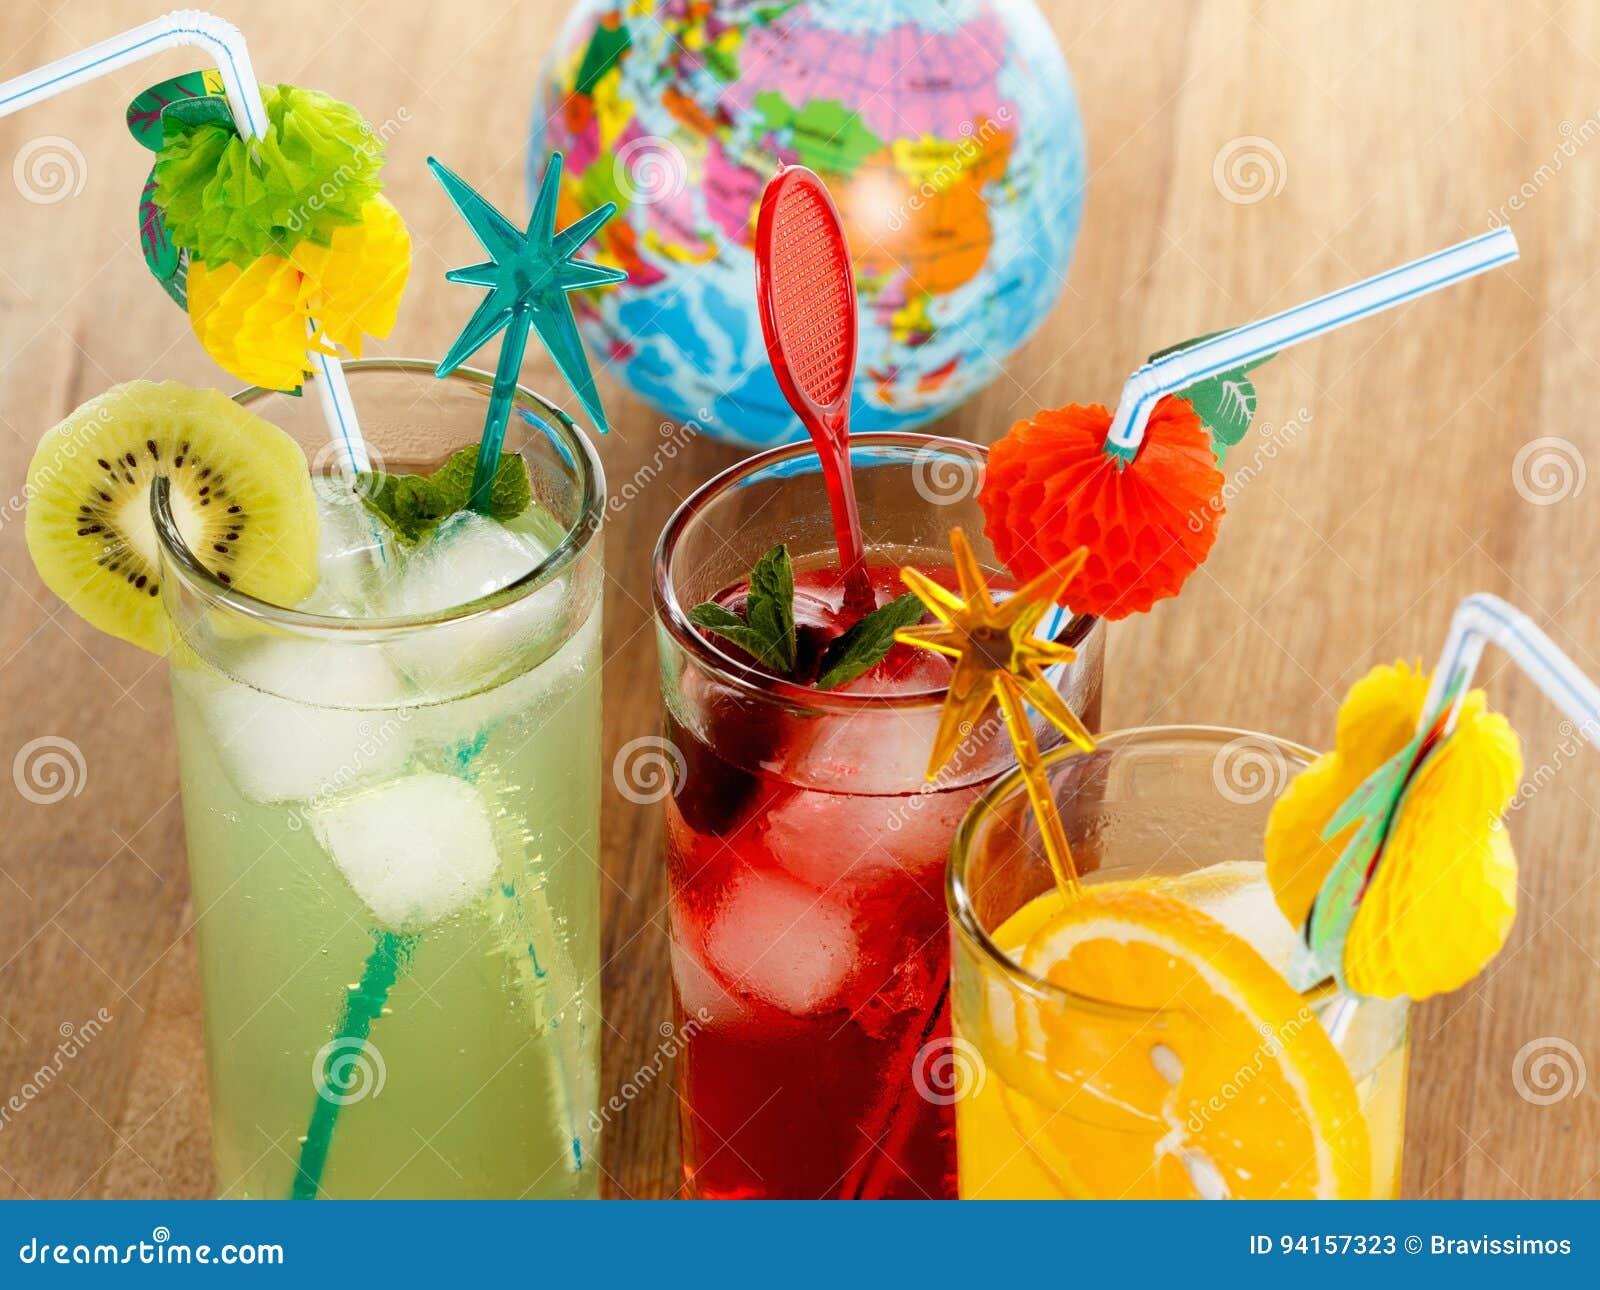 Sommergetränke, Cocktail Mit Eis, Saft Und Frucht Stockbild - Bild ...